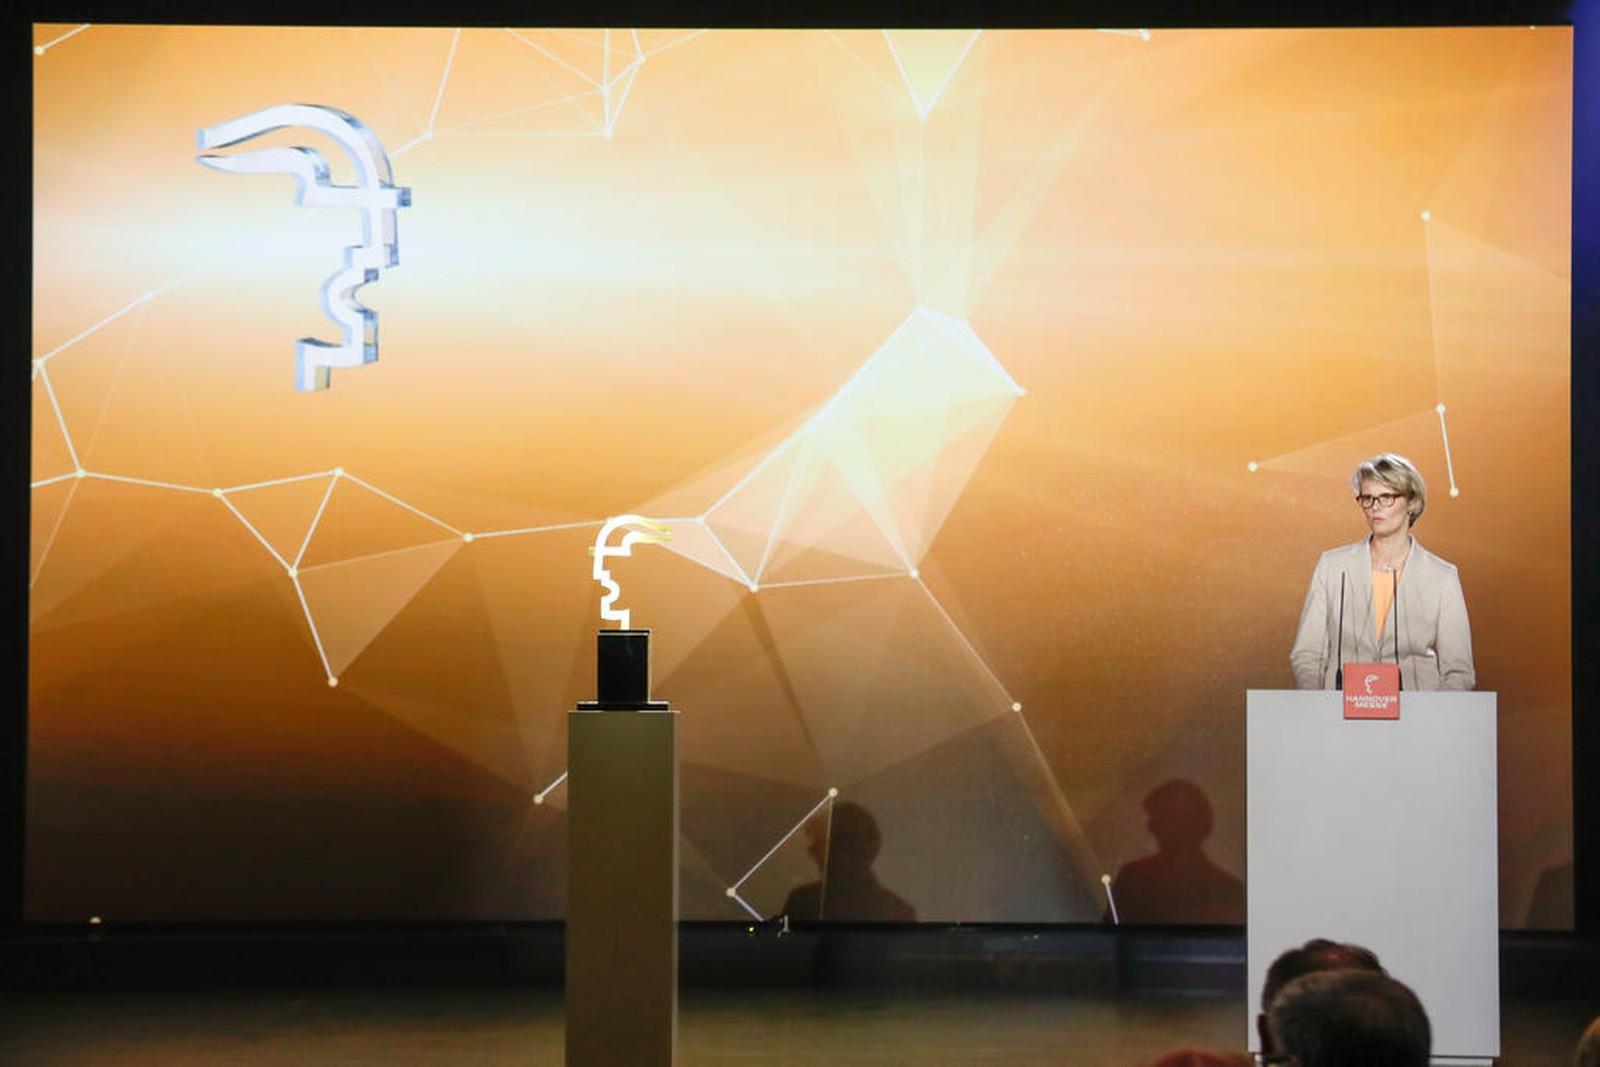 Anja Karliczek, Bundesministerin für Bildung und Forschung, bei der Eröffnungsfeier der HMI im Vorjahr. Auch 2019 wird sie eine Laudatio halten sowie den Hermes Award an den Gewinner übergeben.